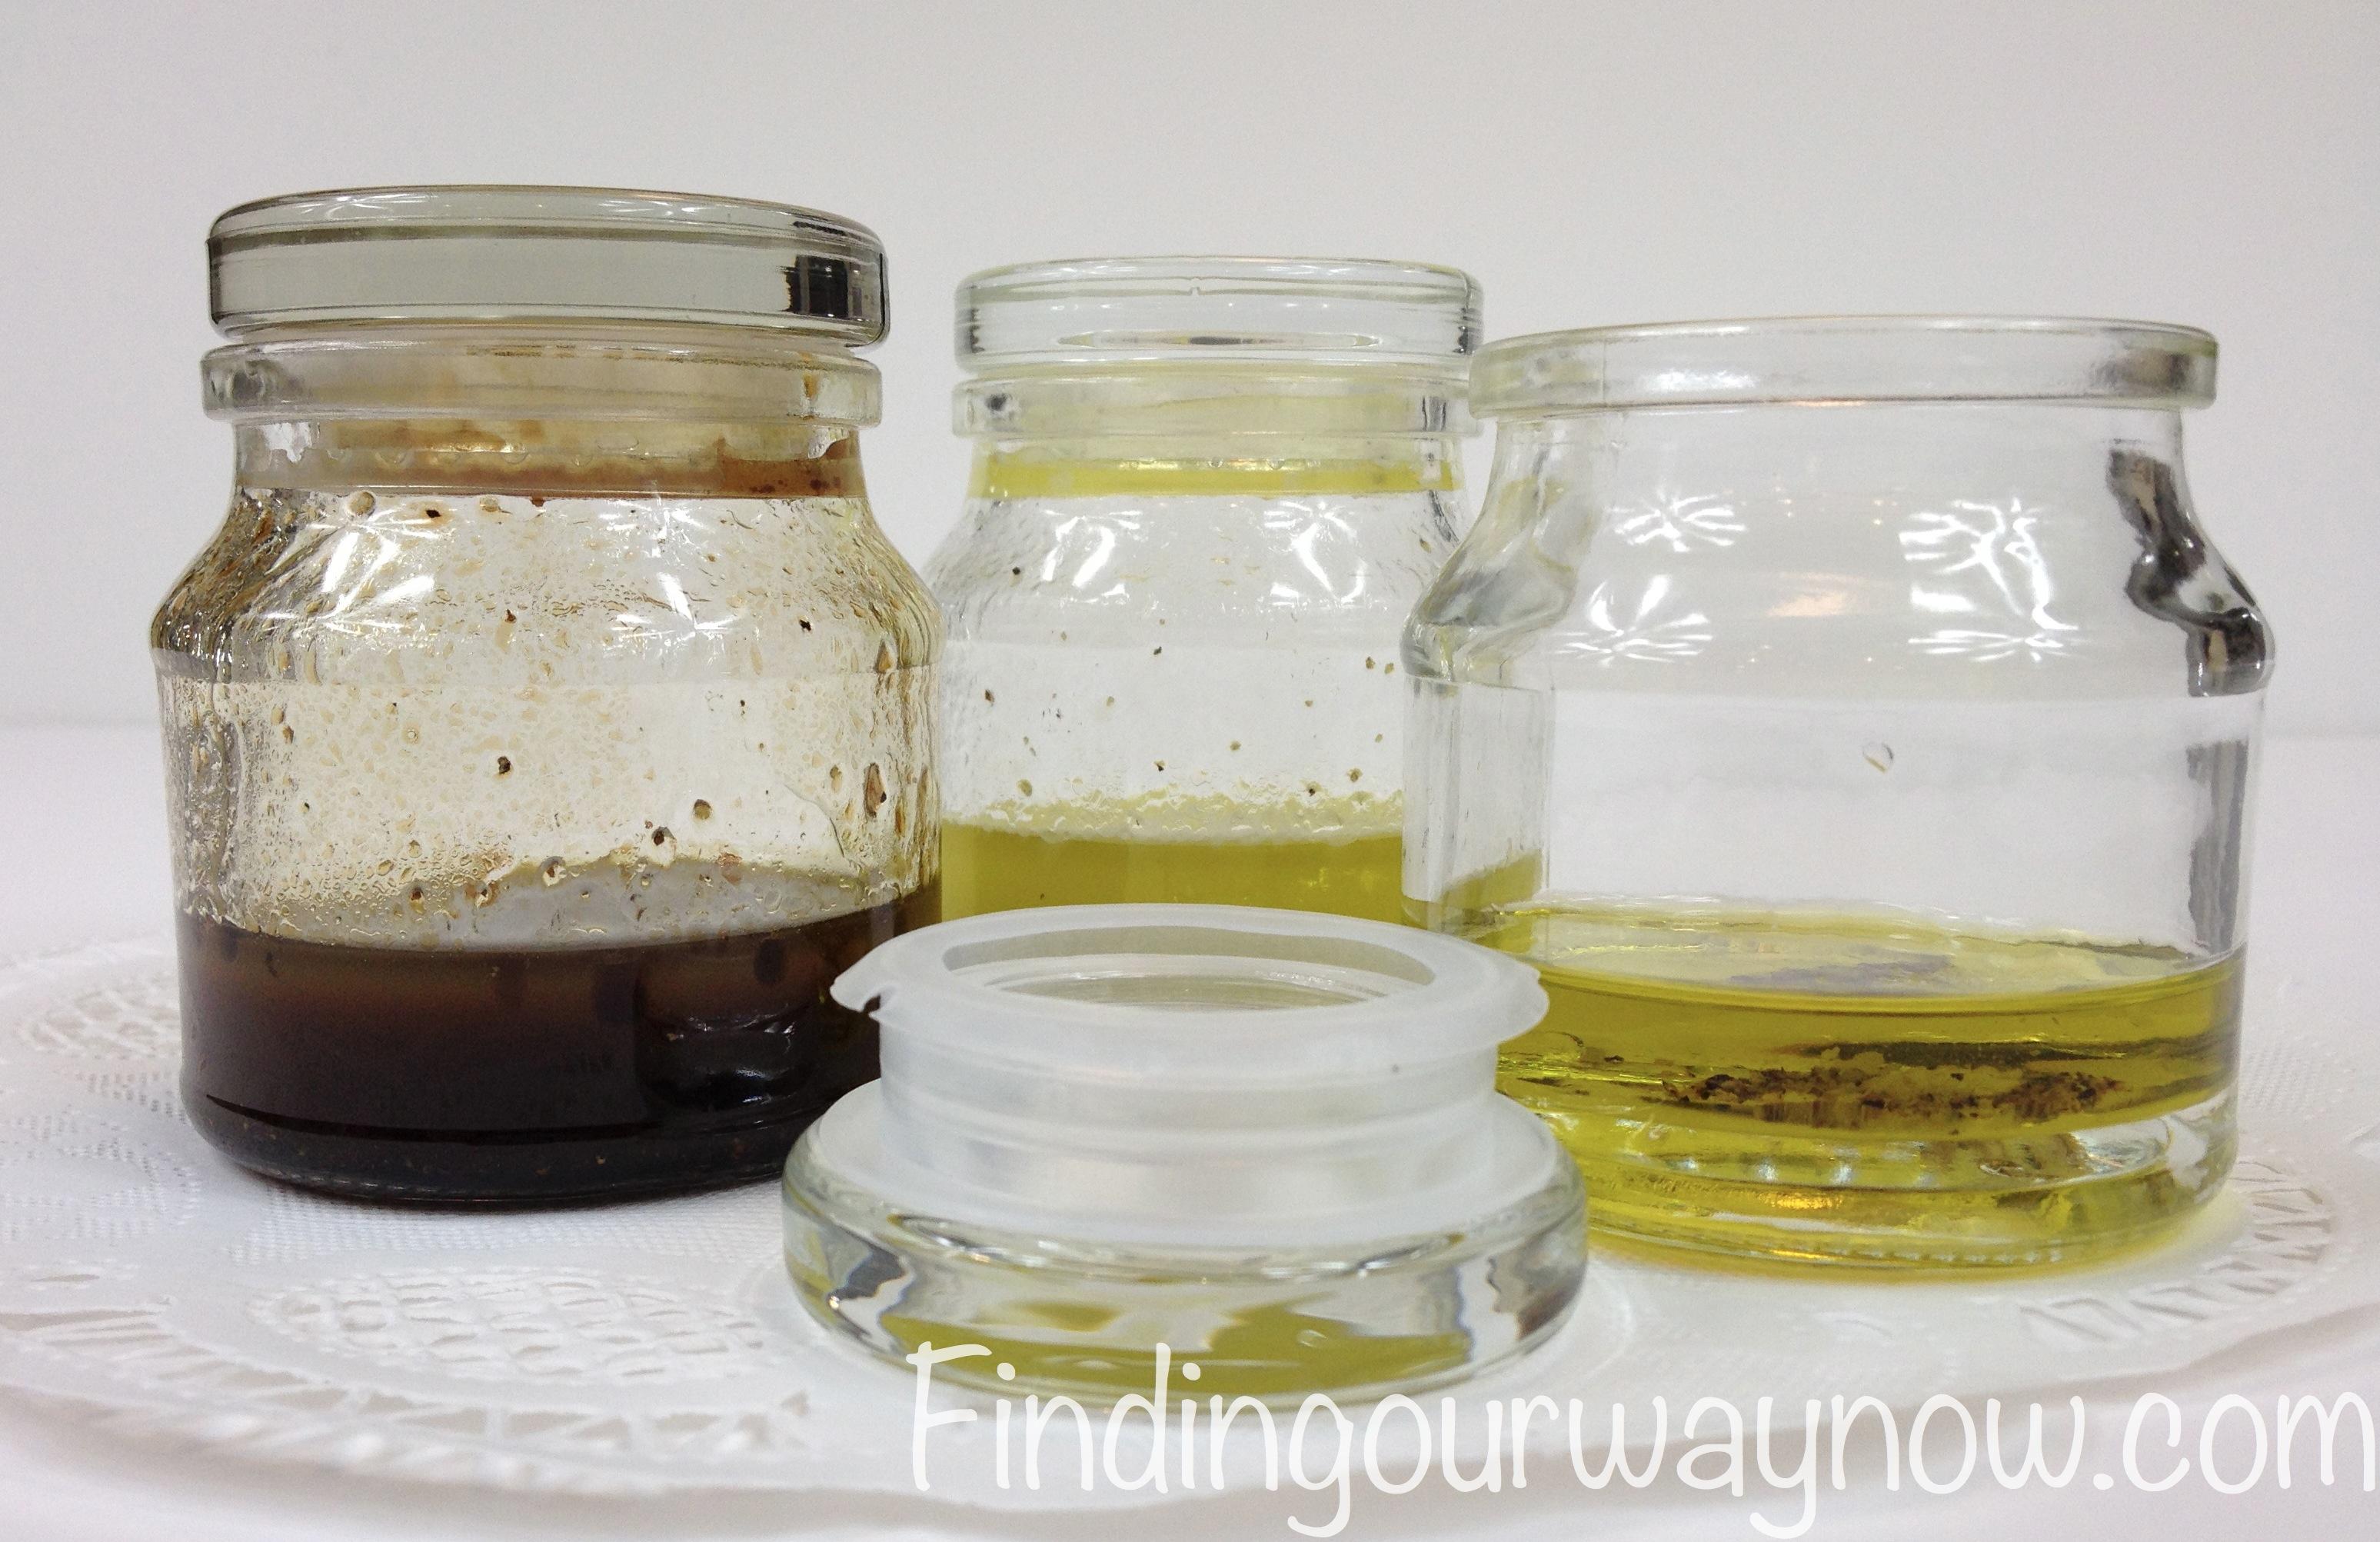 Homemade vinaigrette dressing recipe finding our way now - Homemade vinegar recipes ...